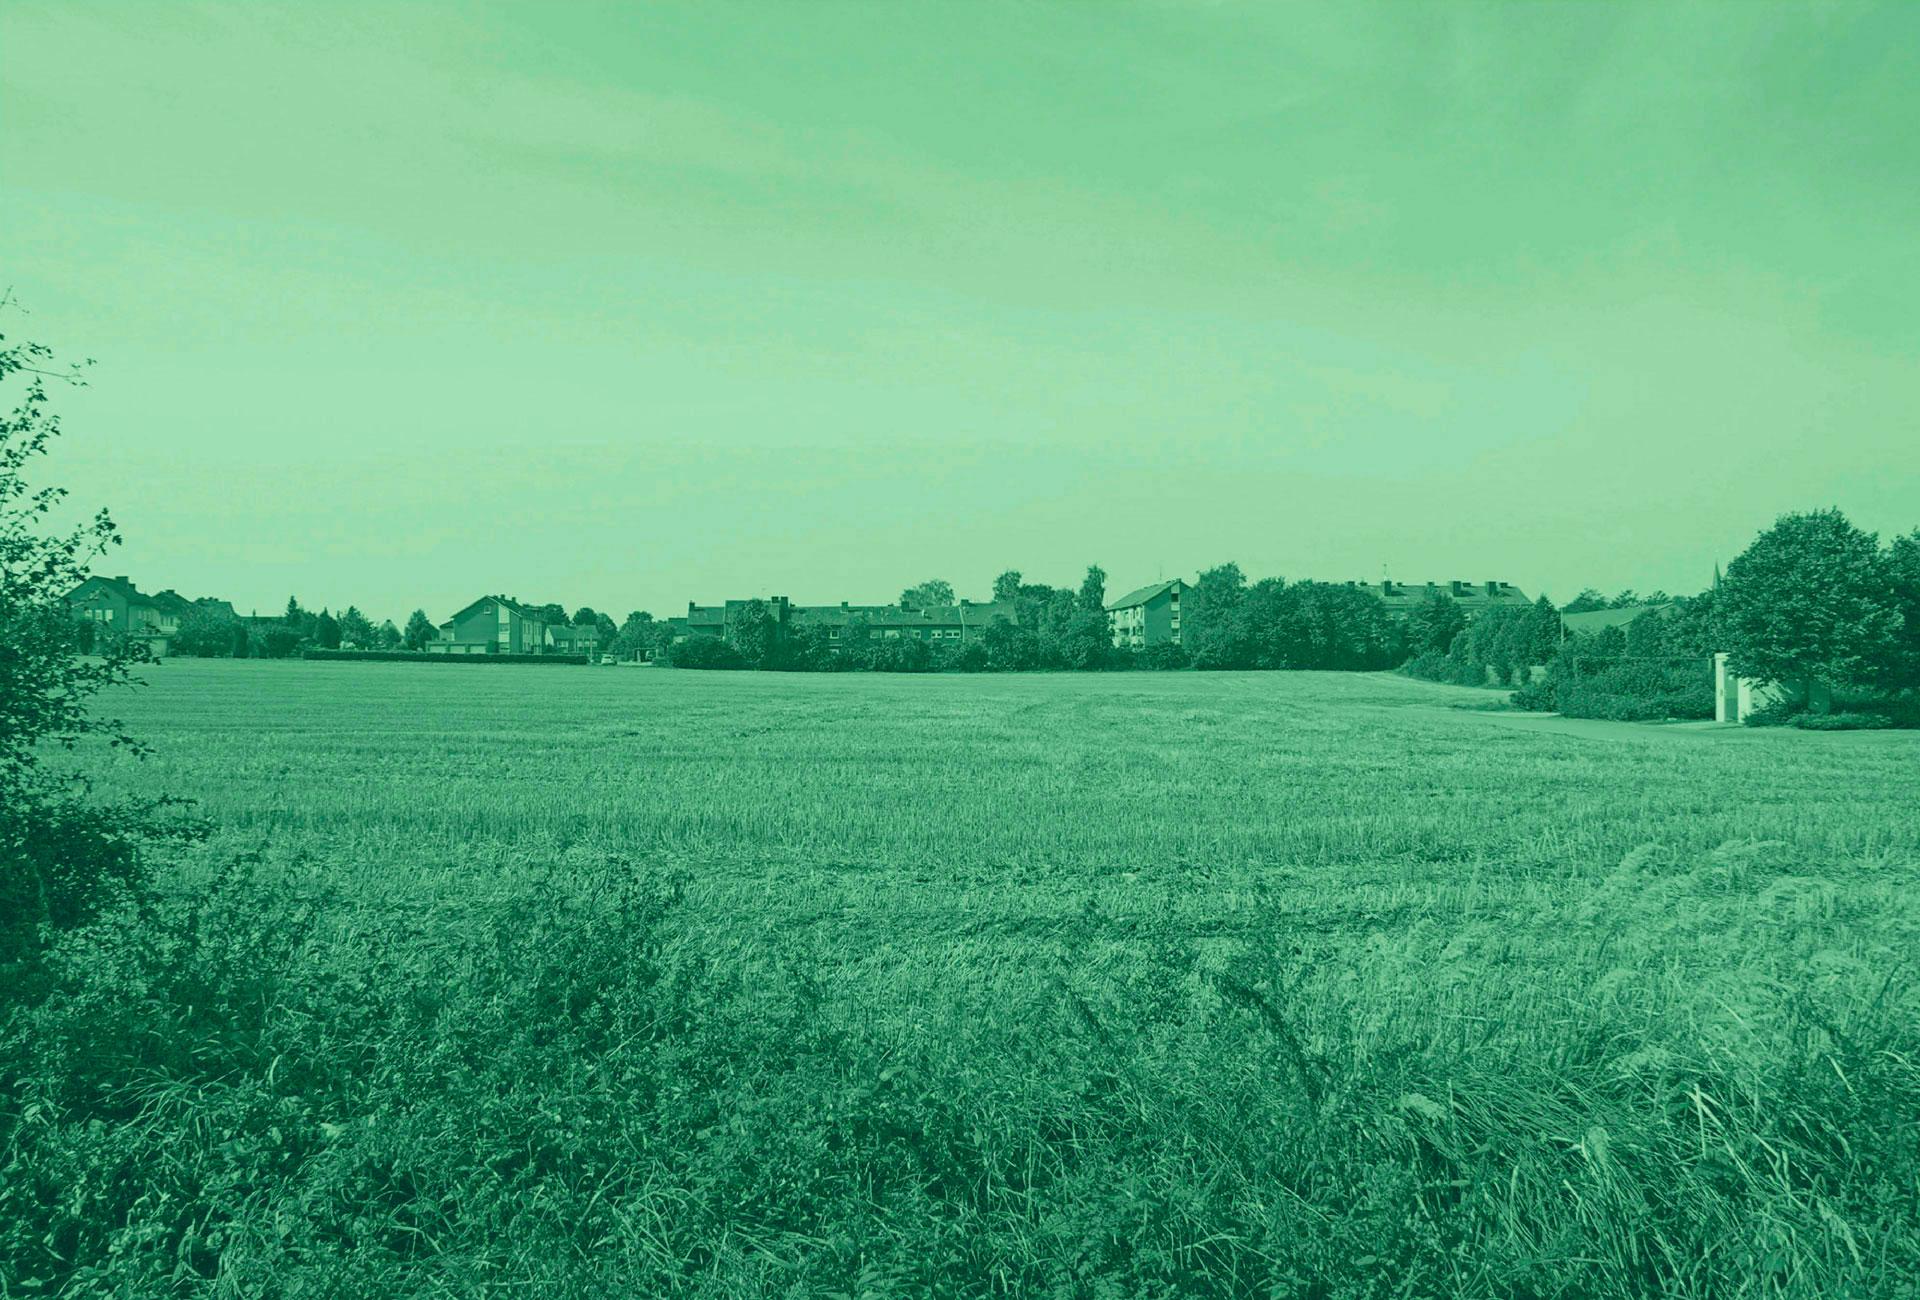 1920x1300_grfeld_gruen